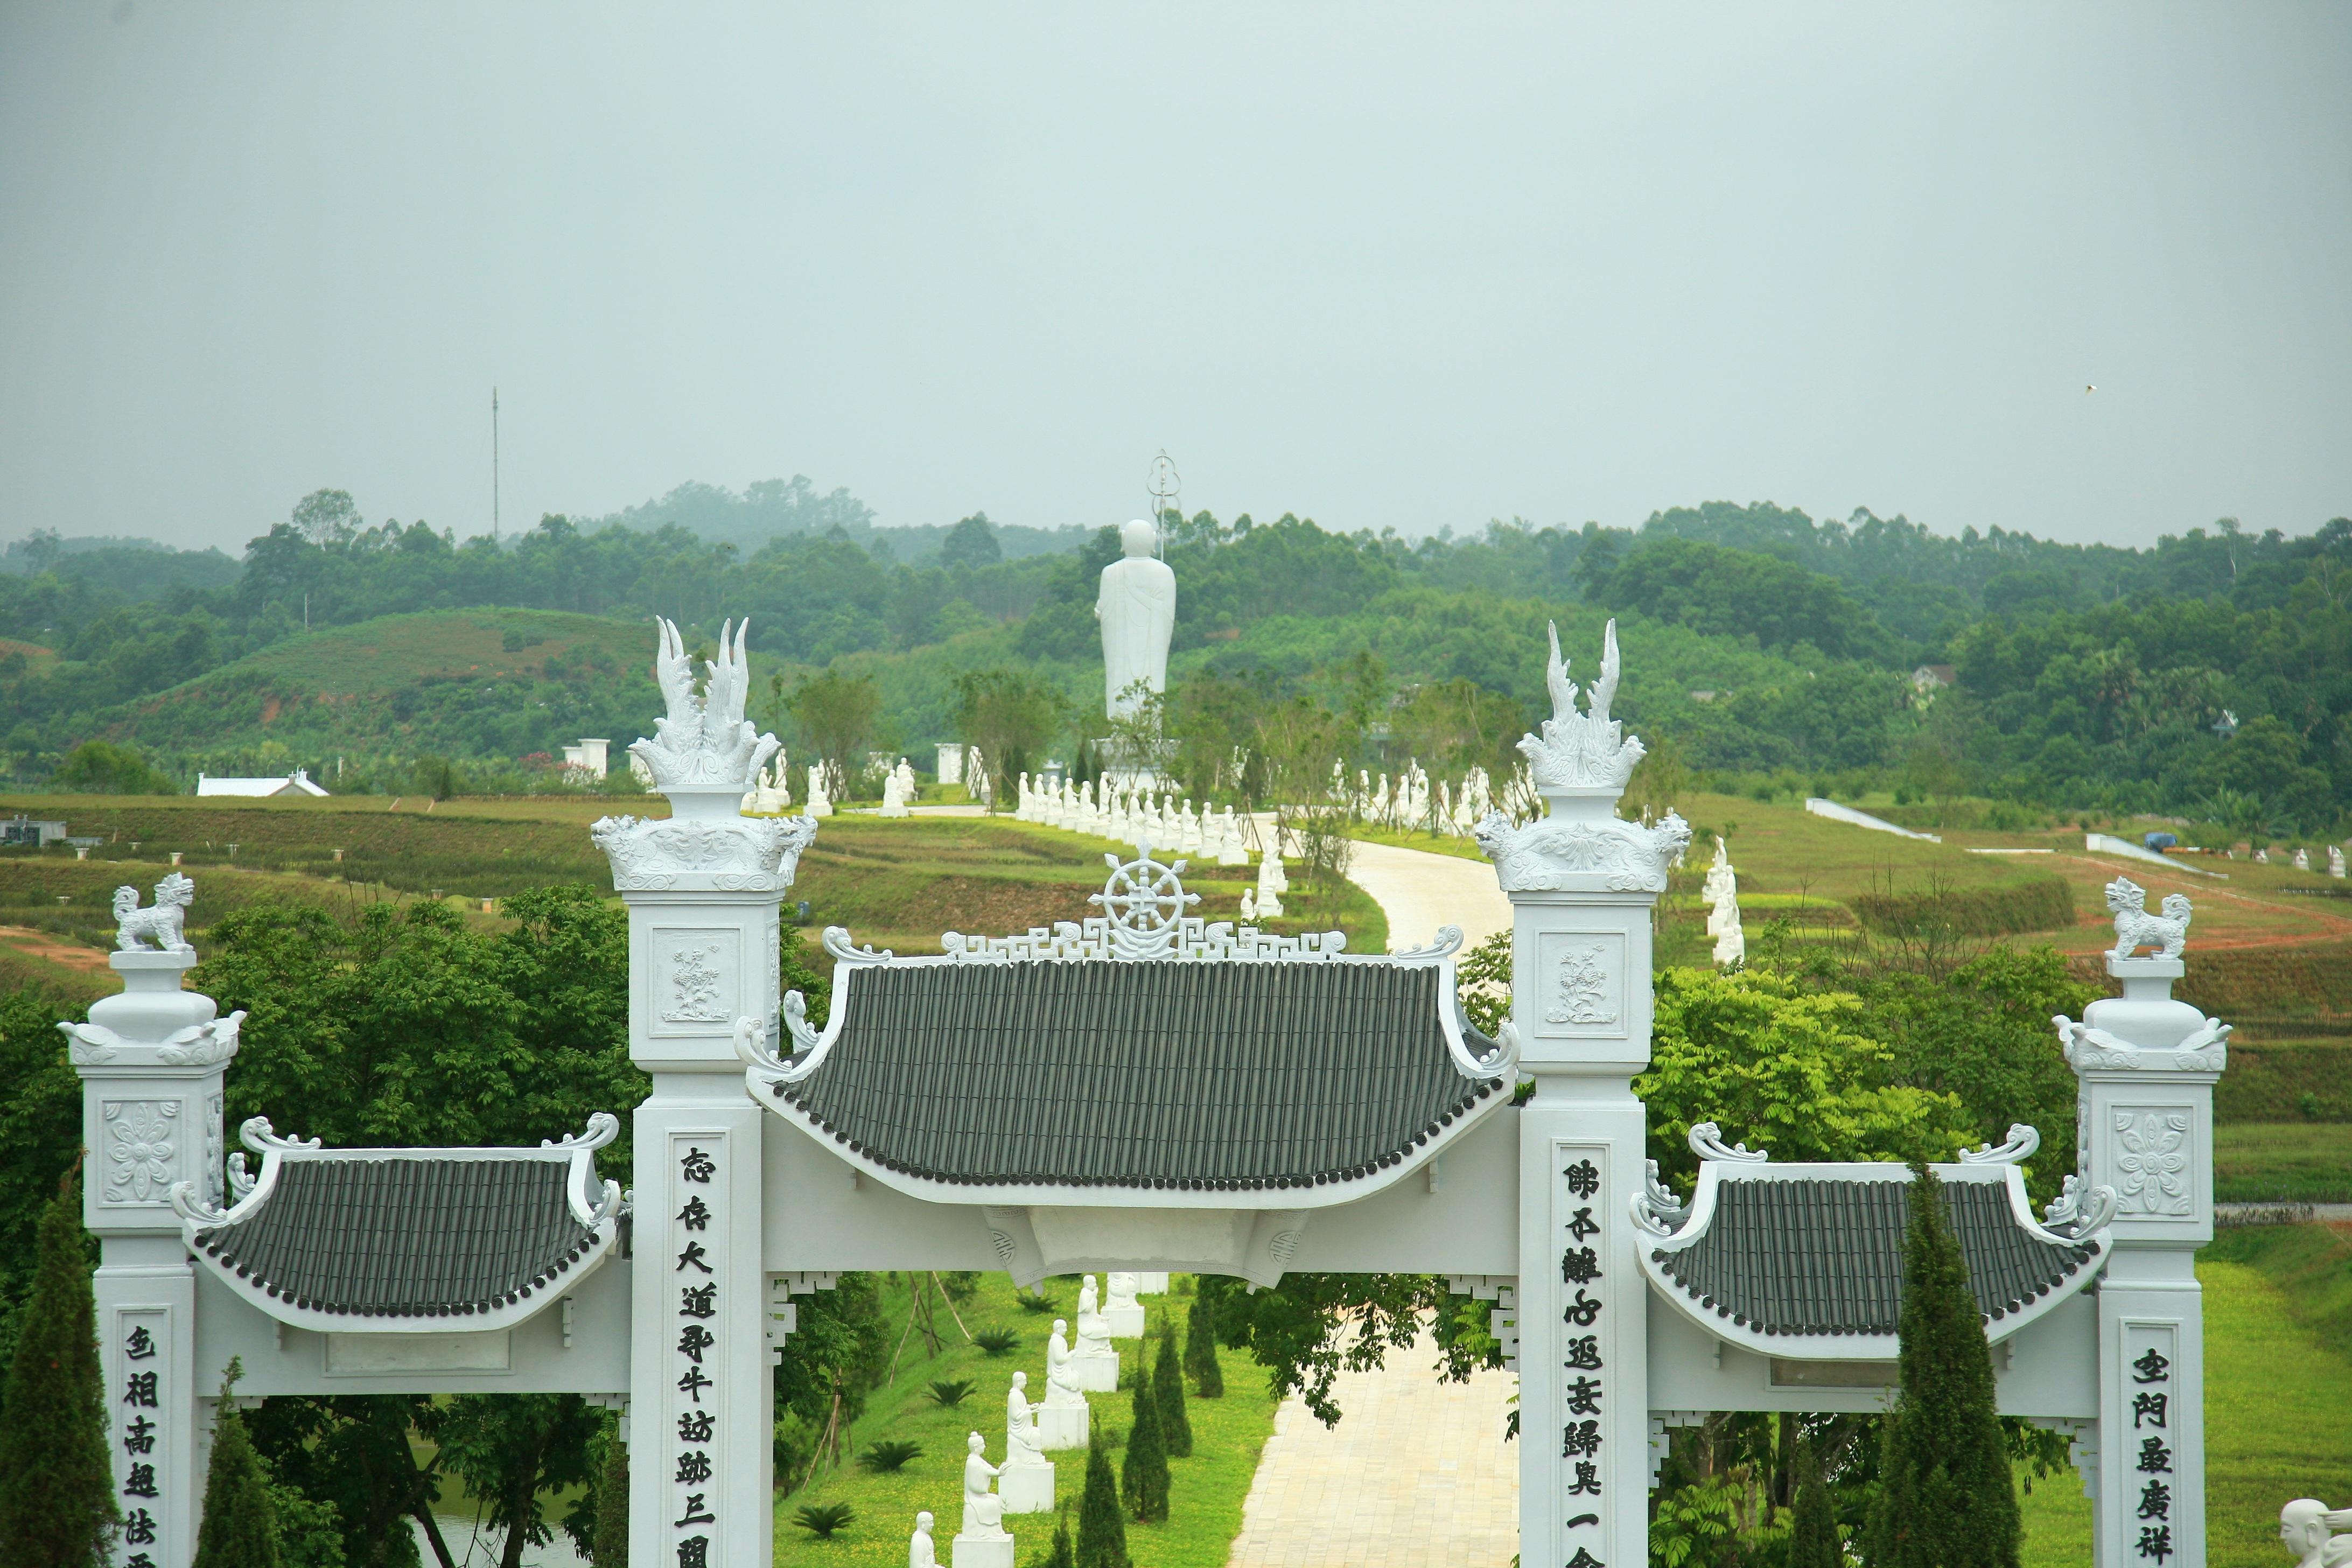 Cách không xa nơi nhạc sĩ Thanh Tùng an nghỉ là chùa Thiên Long, nơi có pho tượng Phật A Di Đà bằng đá vôi cao kỷ lục. Trên ảnh là cổng chùa Thiên Long.